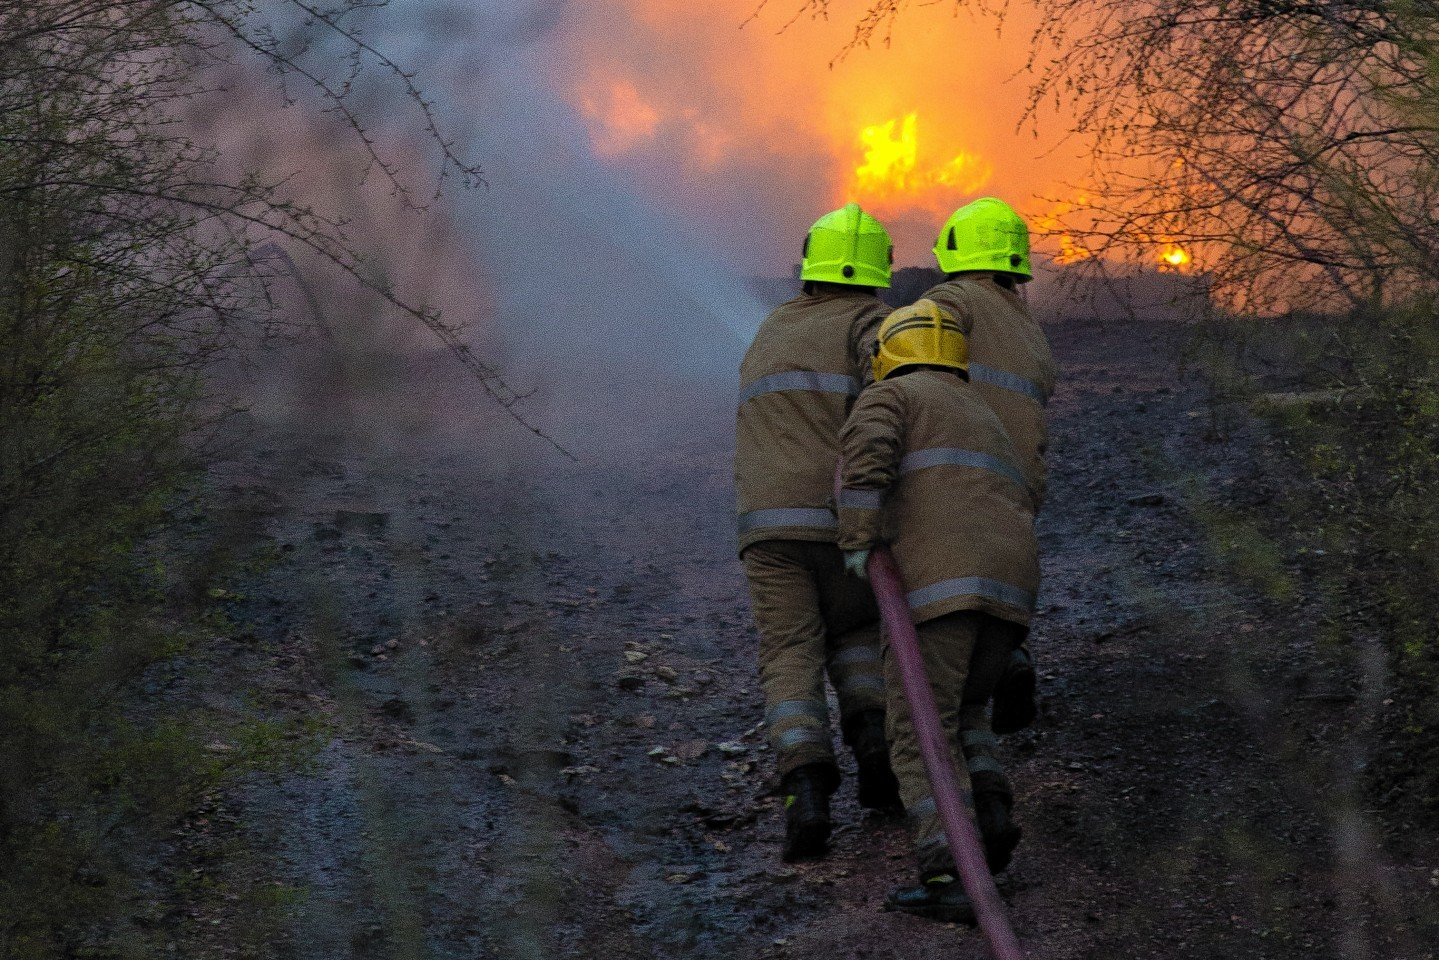 Fire fighters battle fire in fife